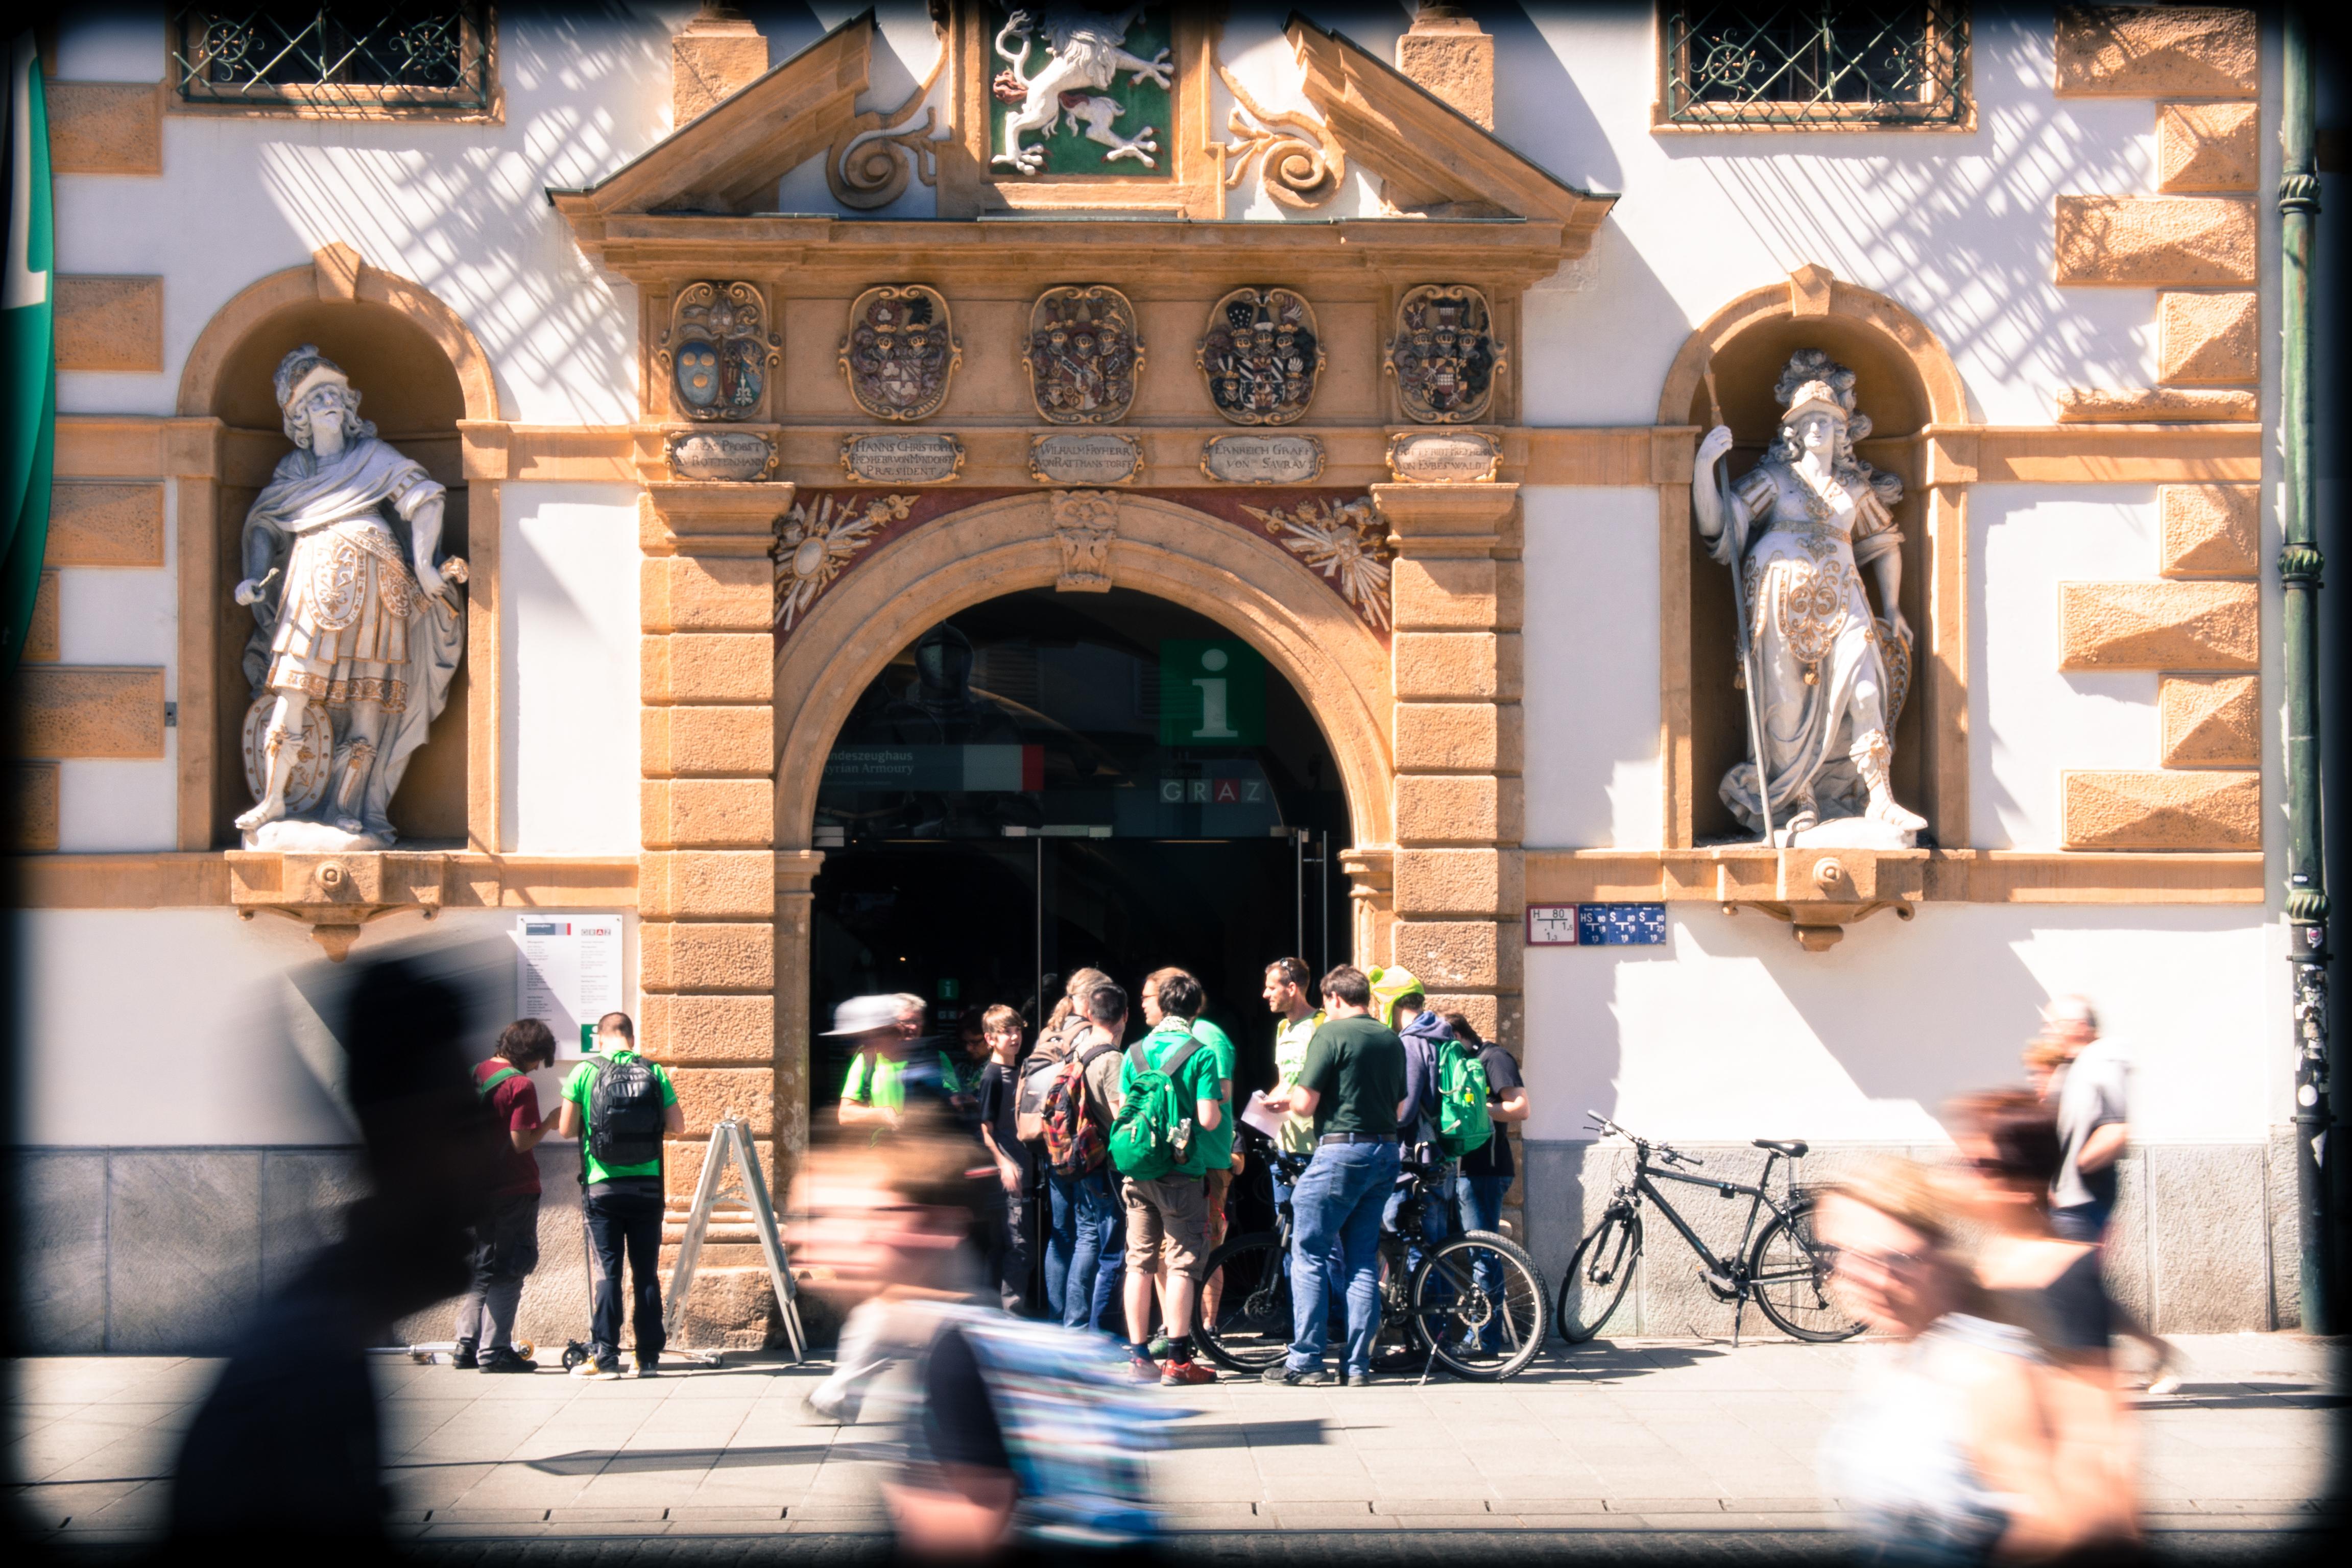 Treffpunkt Graz Tourismus Information - Foto: http://amne.sieht.at